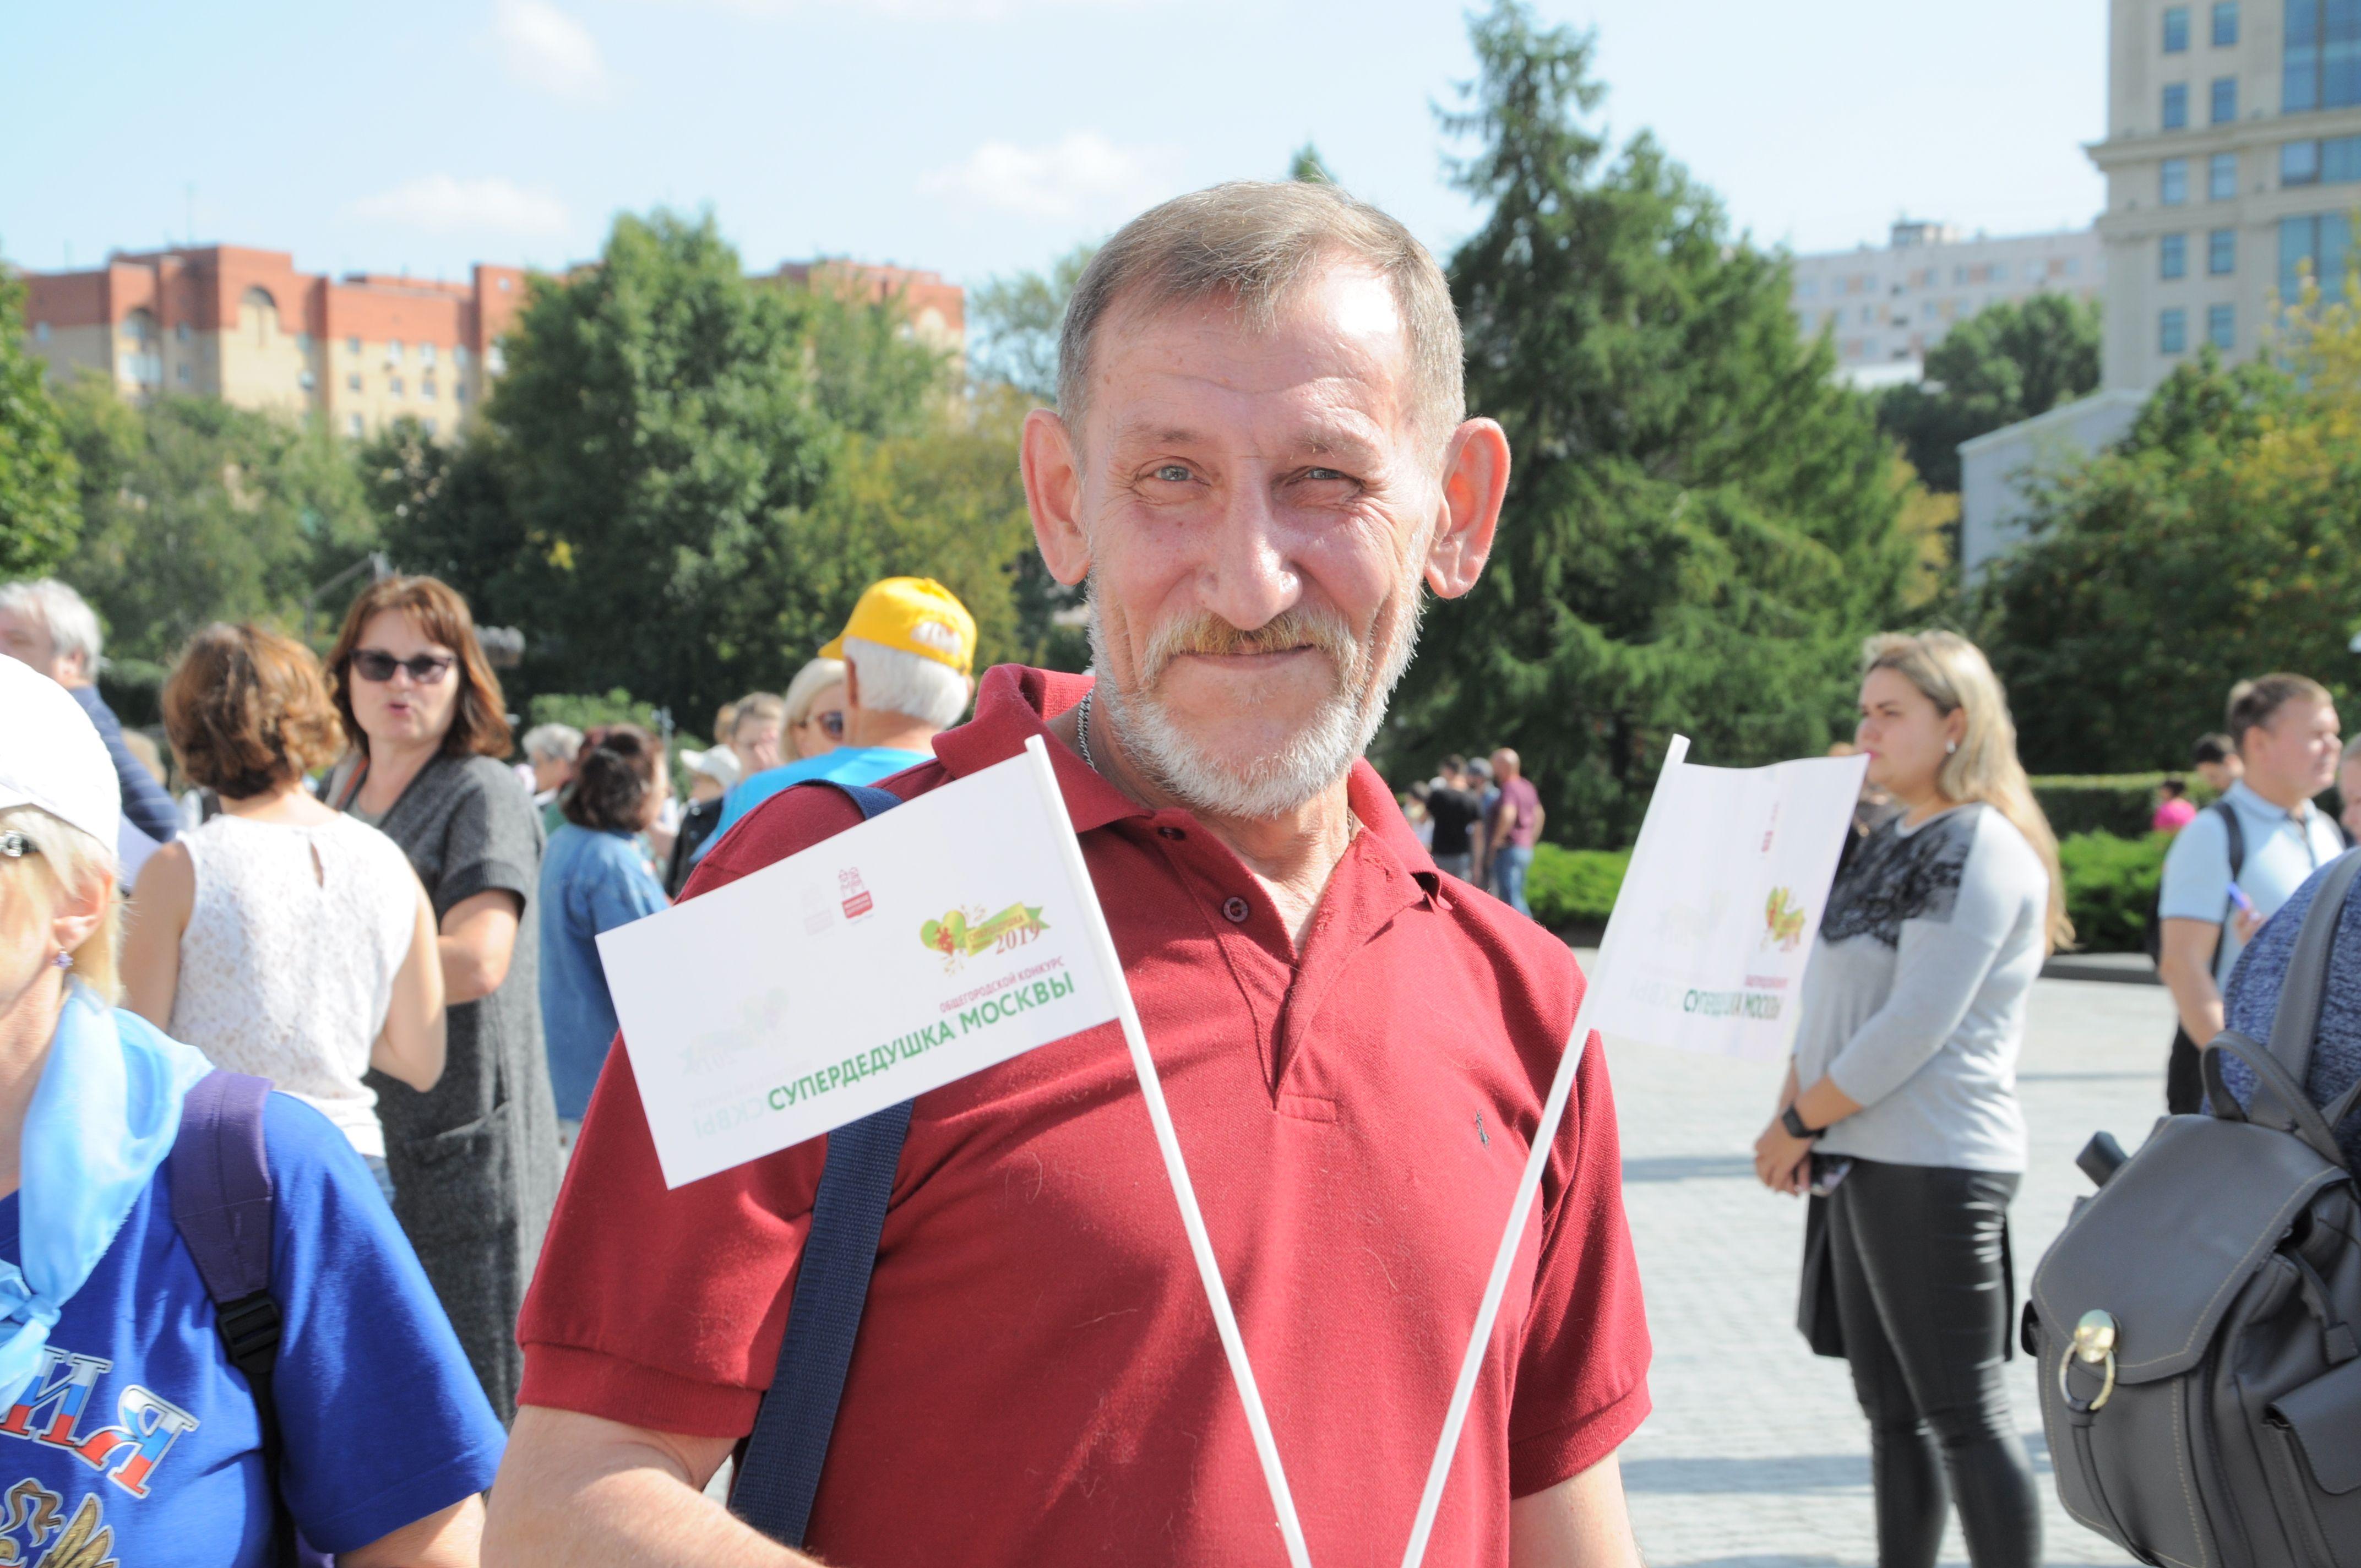 Представитель ТиНАО принял участие в конкурсе «Супердедушка Москвы»